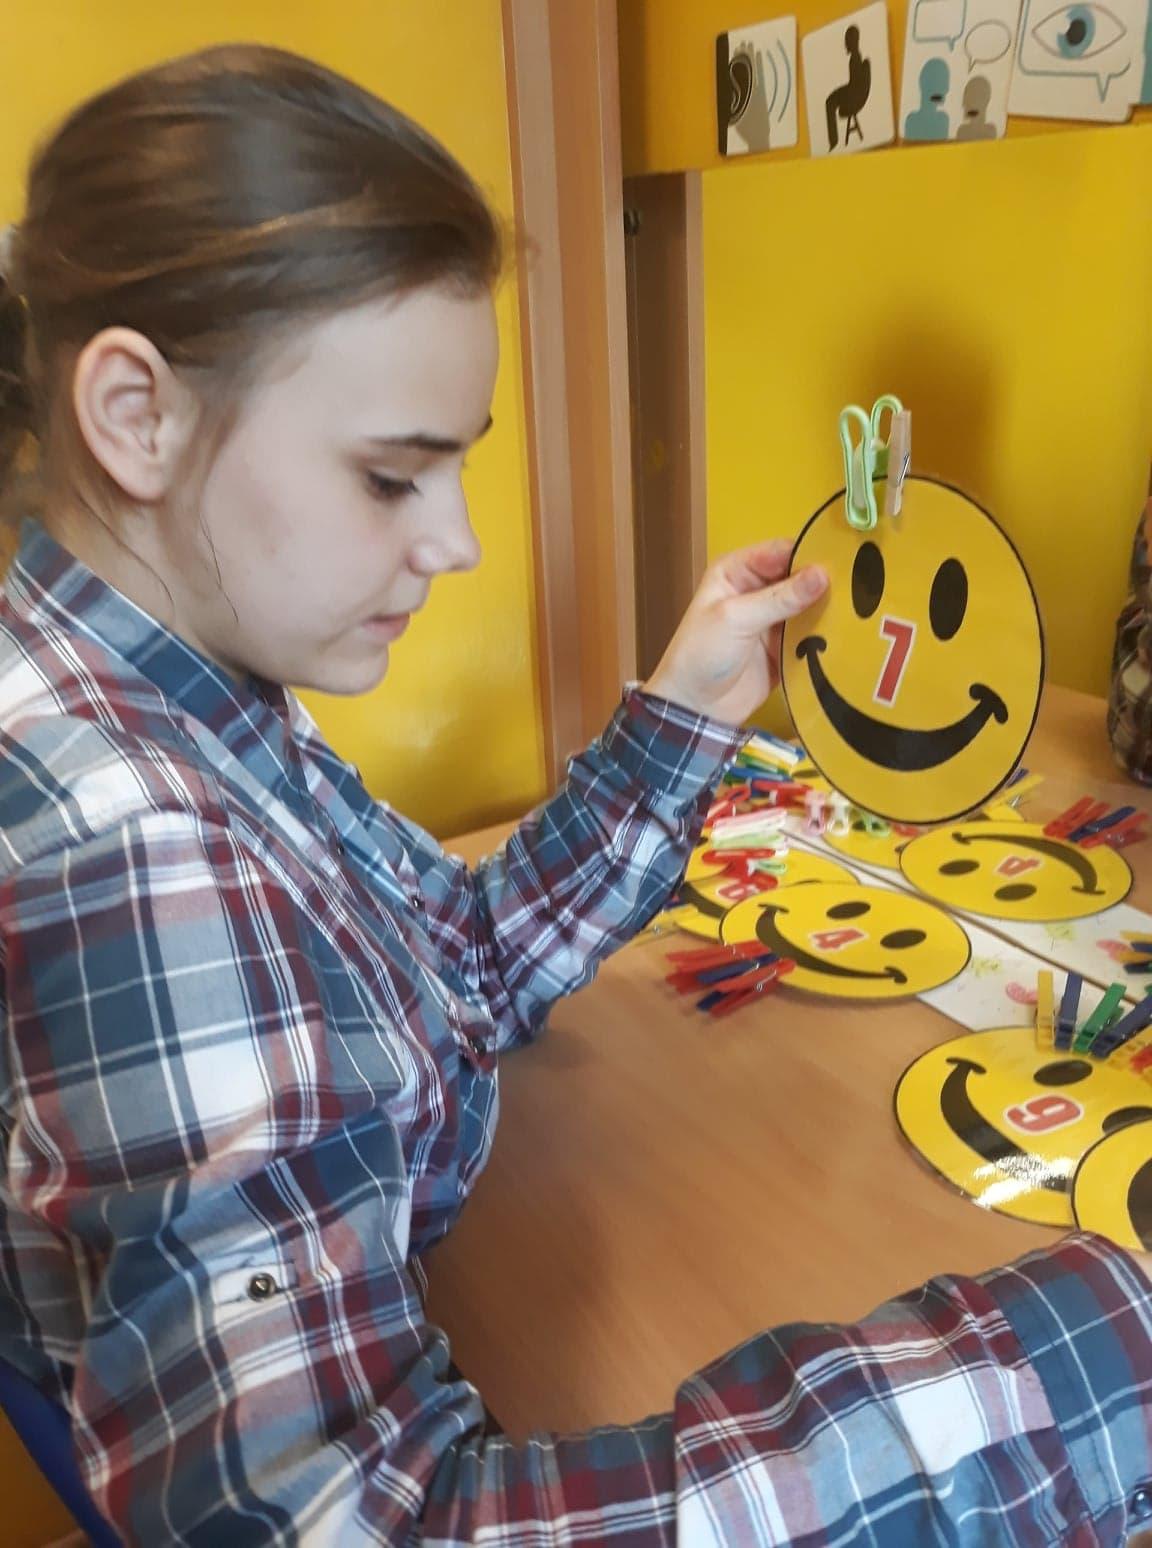 Zabawy z  klamerkami wspomagają terapię logopedyczną.Tu ćwiczenia na logiczne myślenie:,,Czego brakuje...